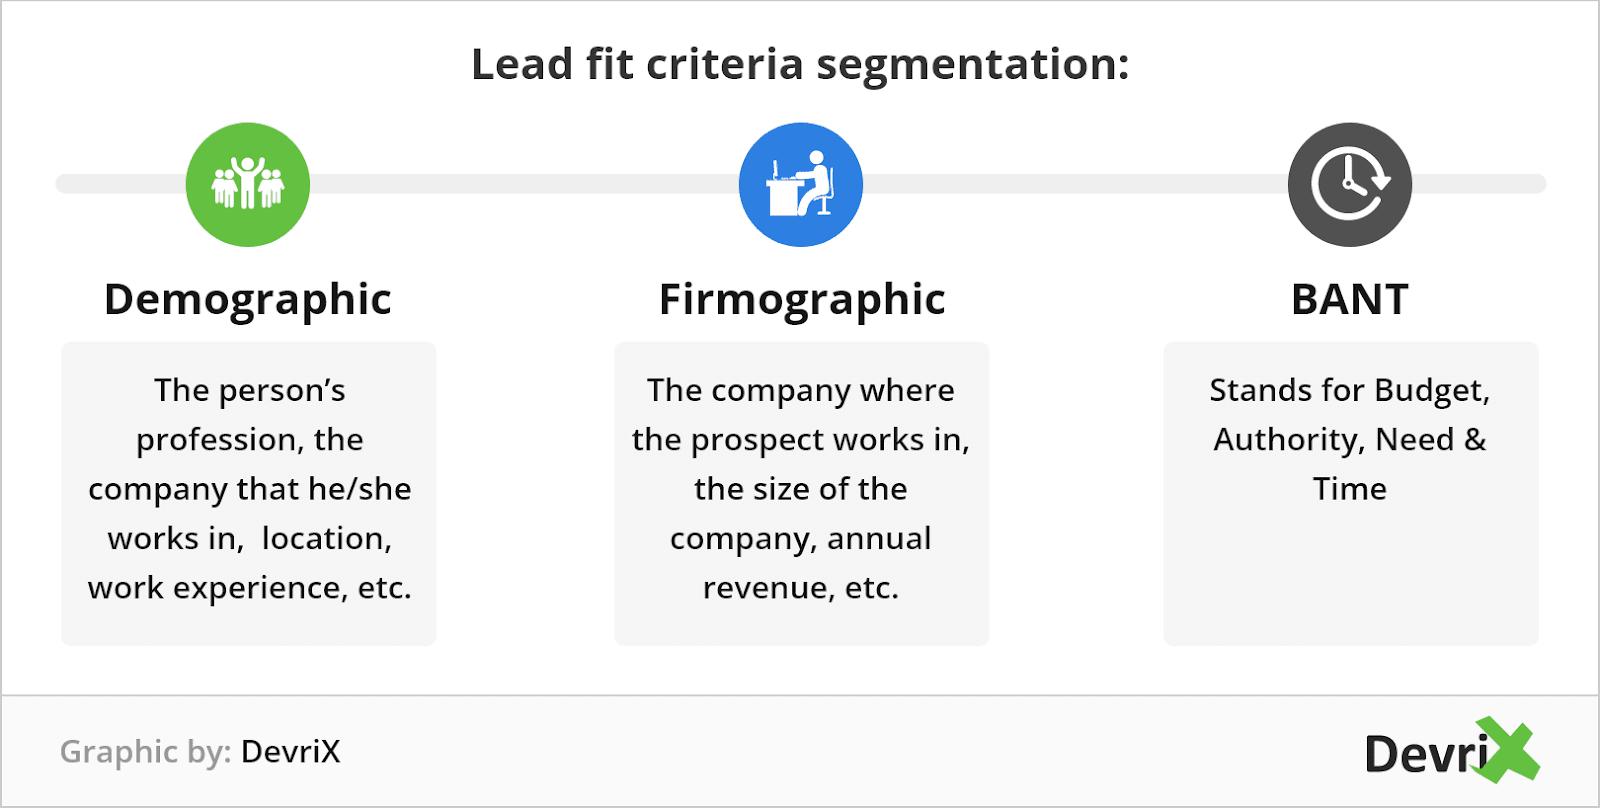 lead-fit-criteria-segmentation